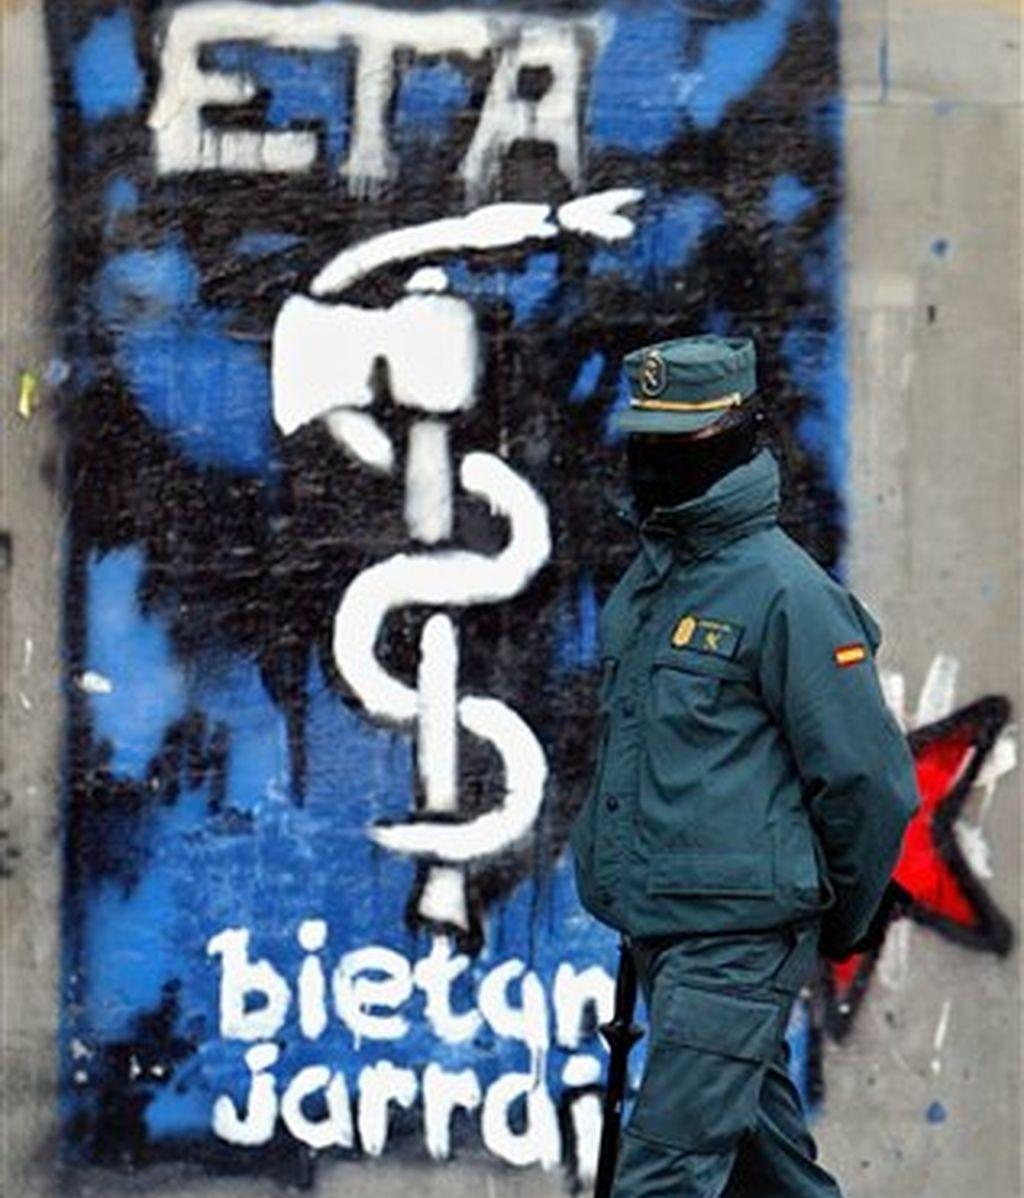 La última vez que la banda anunció una tregua fue el 22 de marzo de 2006..Los terroristas la rompieron el 31 de diciembre de 2006 con el atentado en la terminal 4 del aeropuerto Madrid-Barajas.